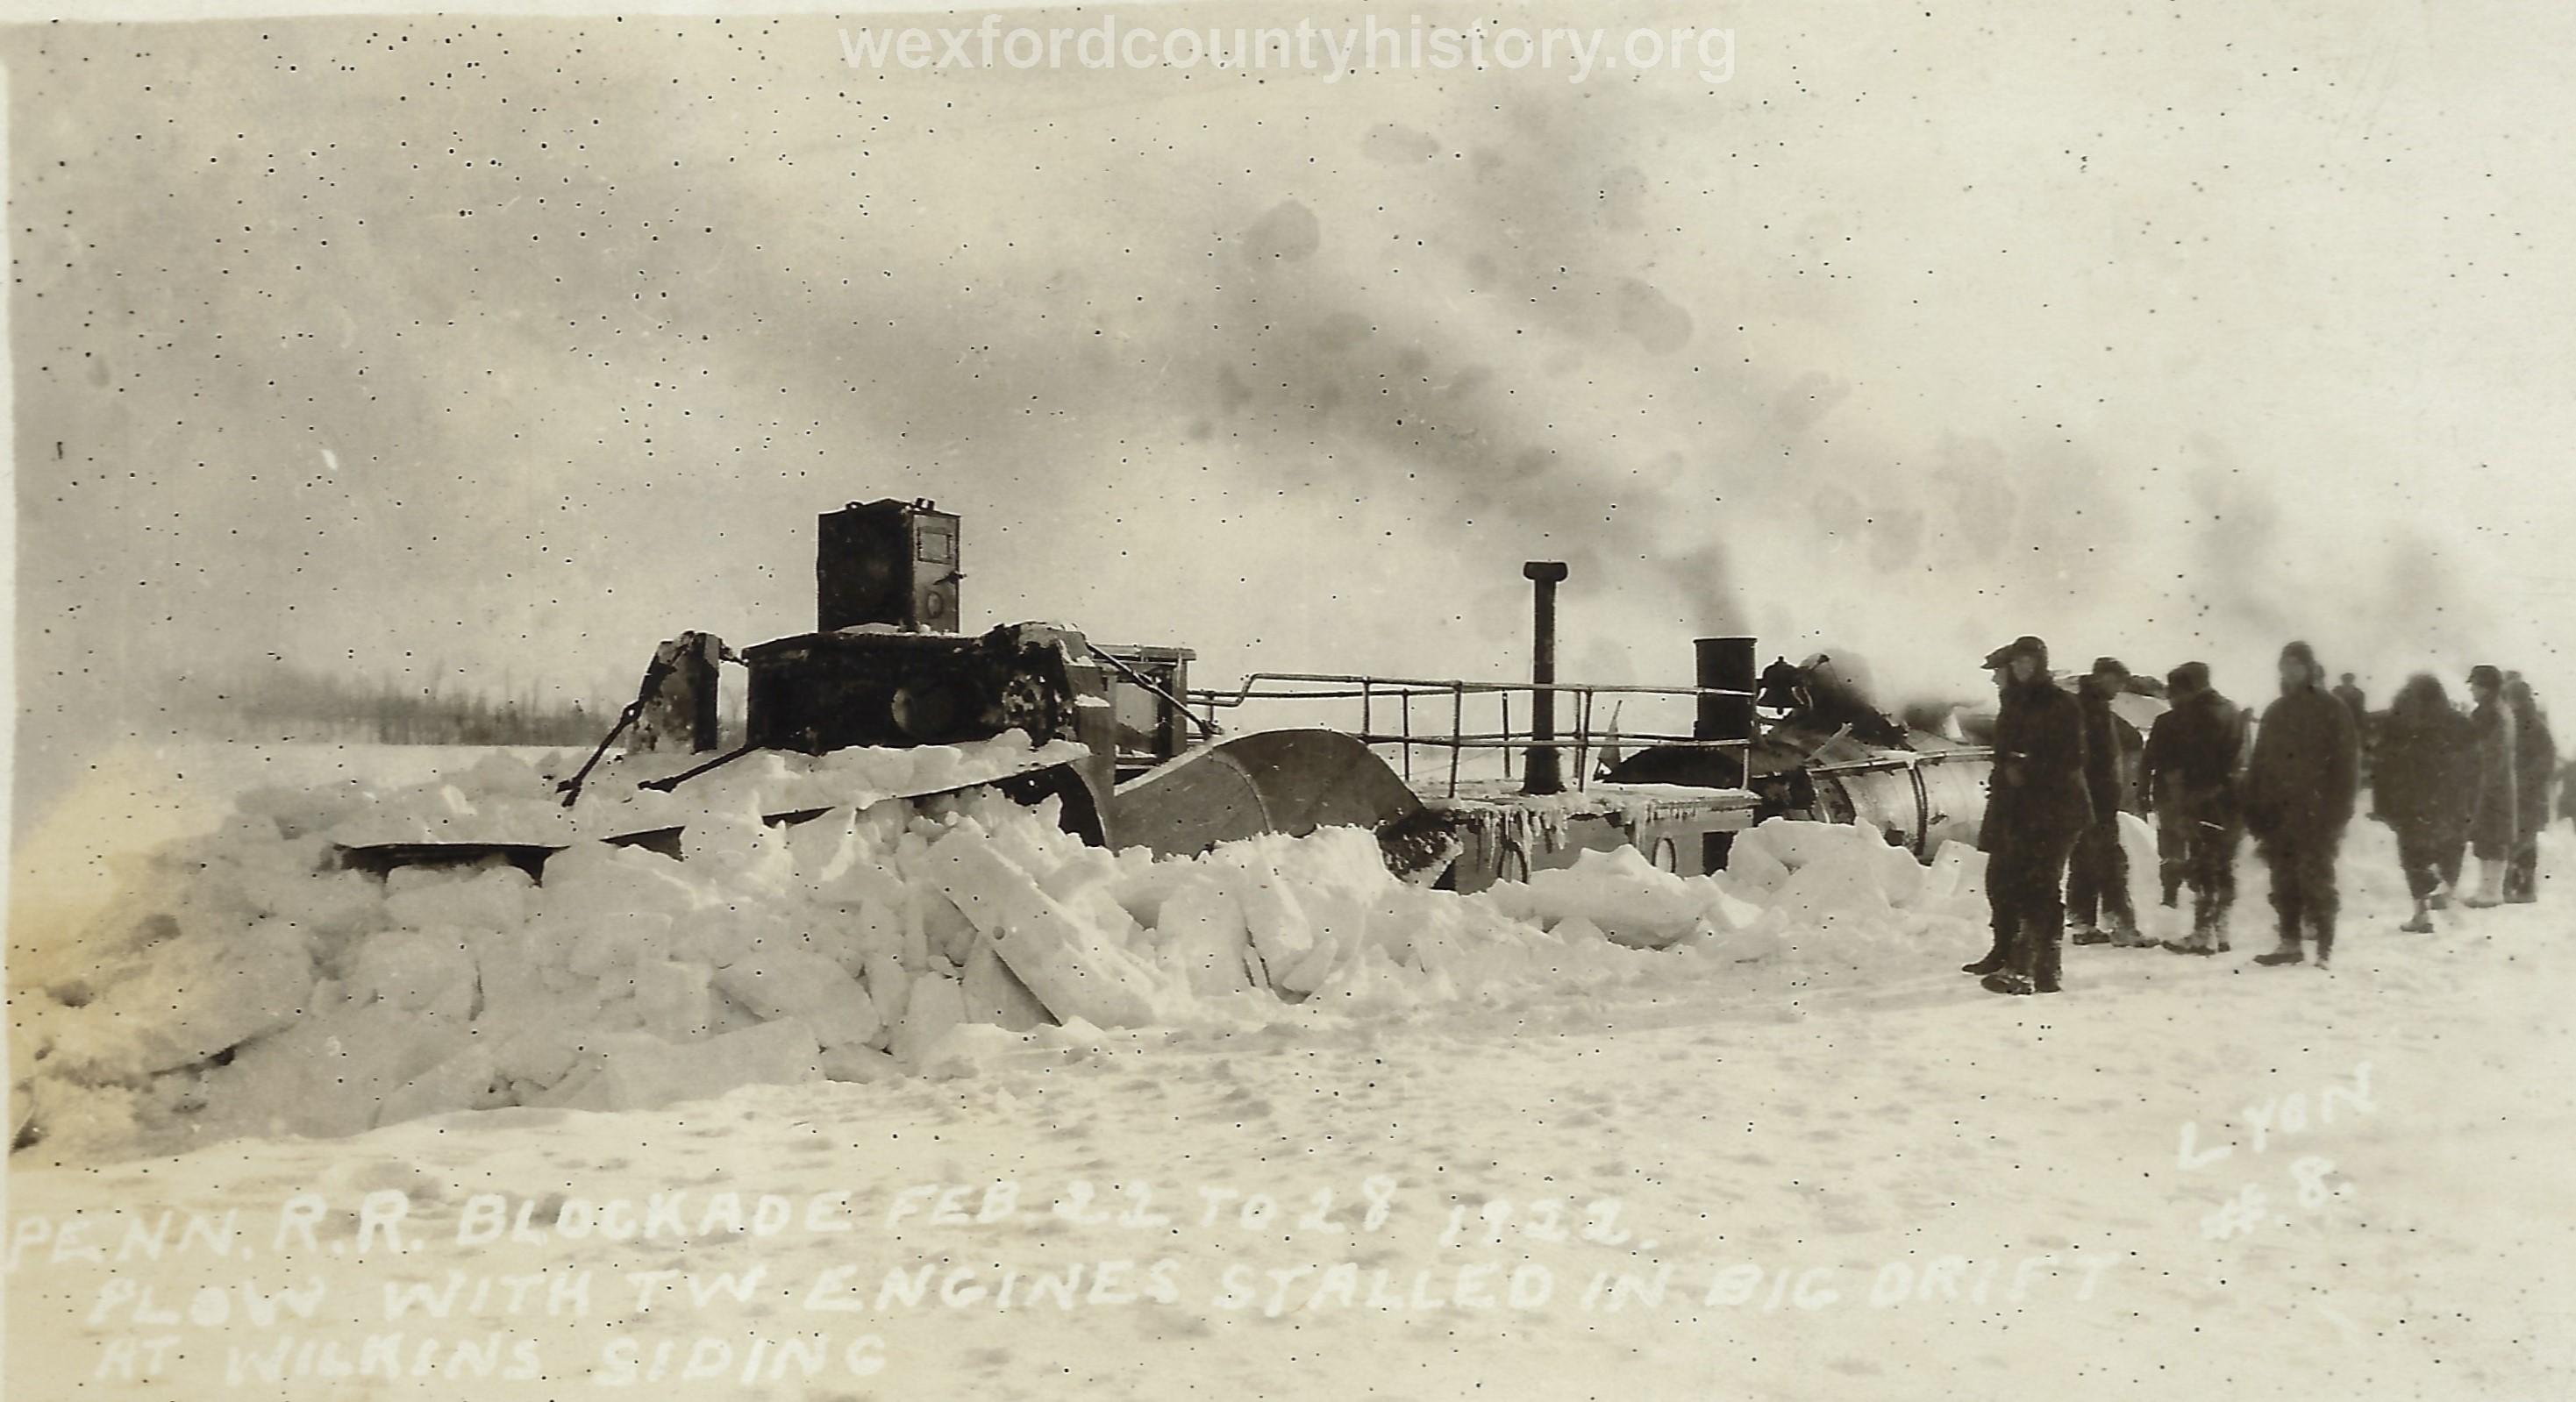 Cadillac-Railroad-Pennylvania-Railroad-In-The-Winter-1